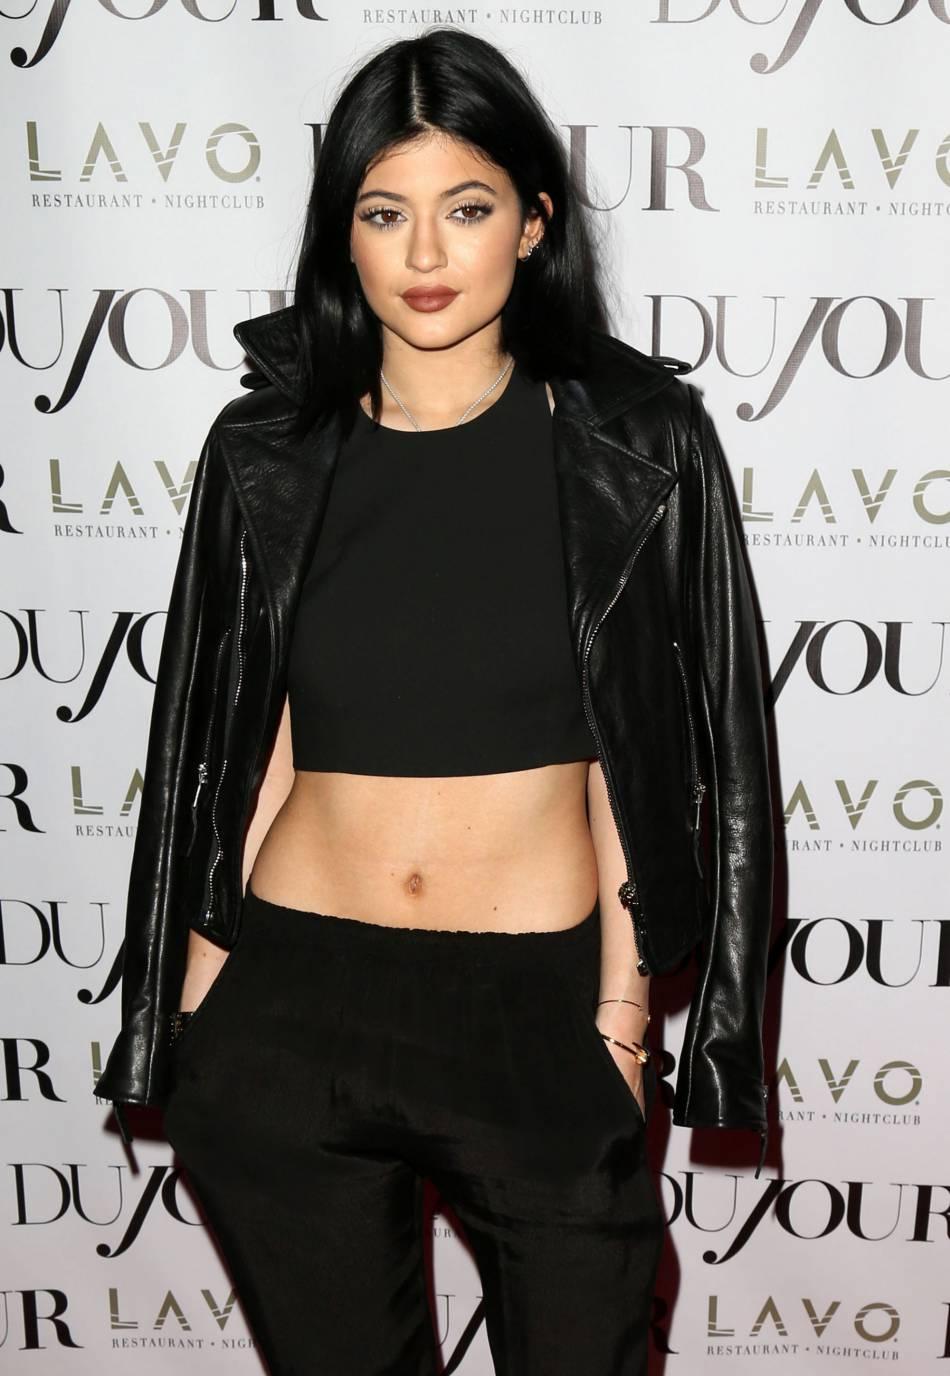 Kylie Jenner est passée par plusieurs étapes avant d'arriver aux lèvres pulpeuses qu'elle affiche aujourd'hui.